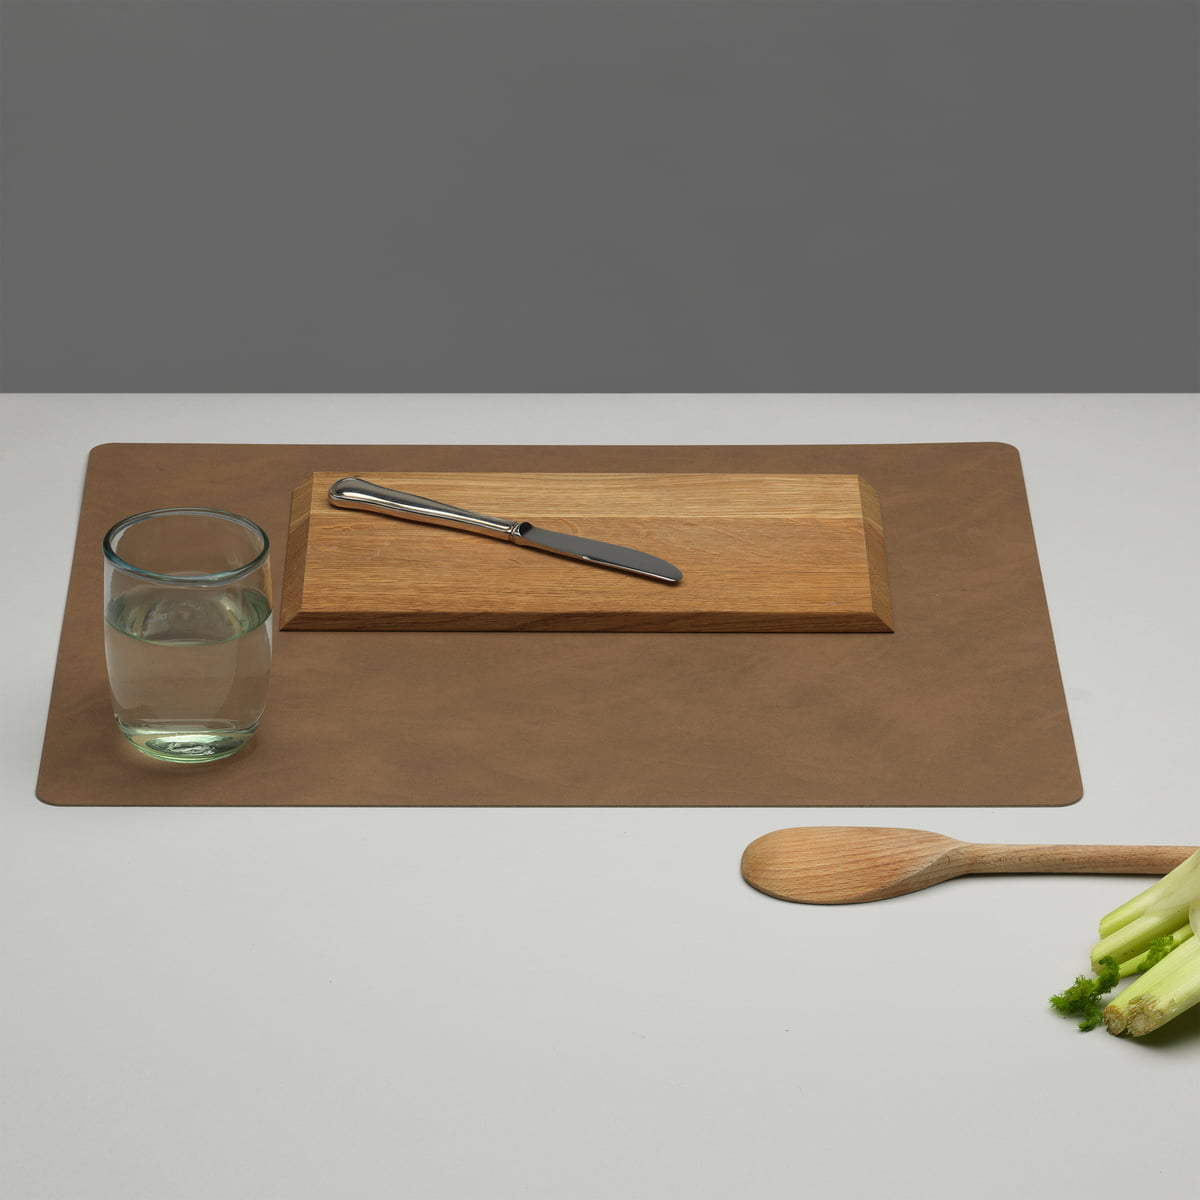 LindDNA - Tischset Square L 35 x 45 cm| Hippo forest green | Heimtextilien > Tischdecken und Co | LIND DNA